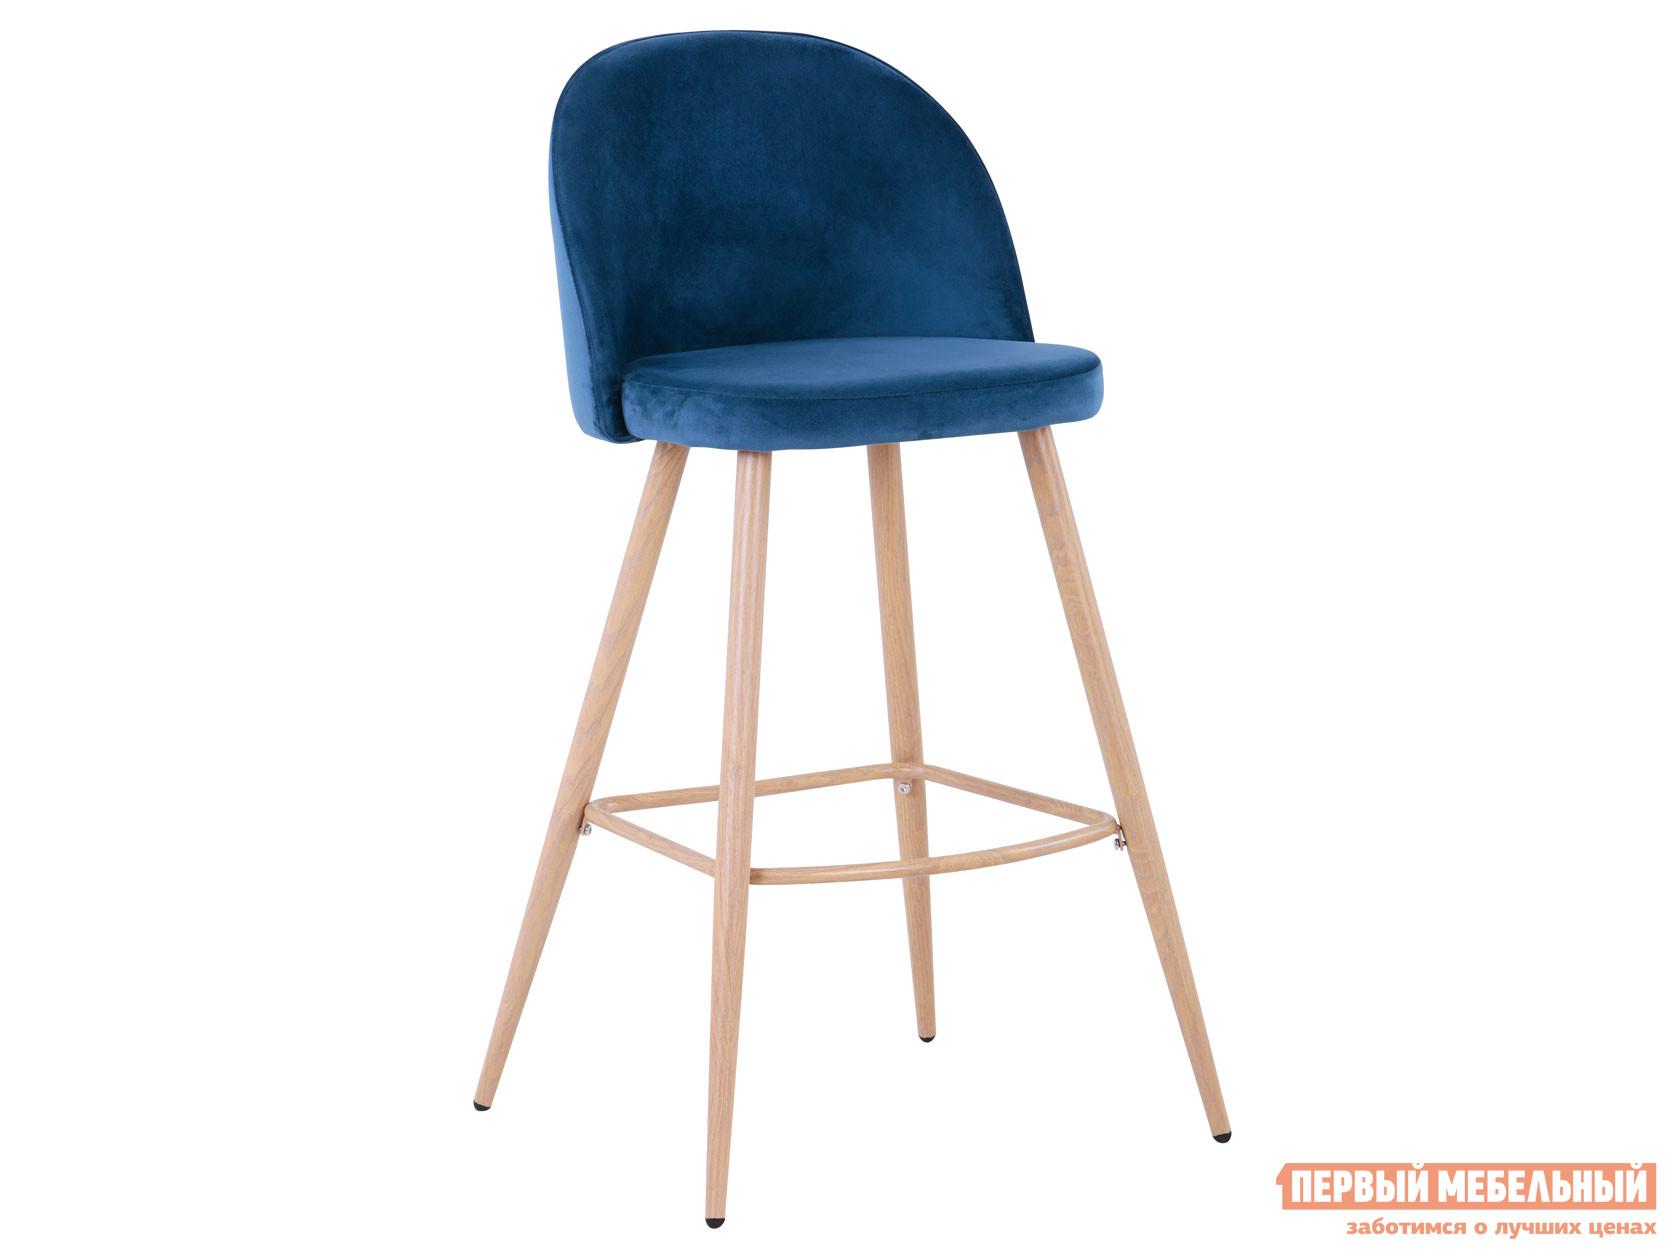 Барный стул Stool Group Стул барный Лион BC-99004 пластиковый барный стул stool group libra 8319